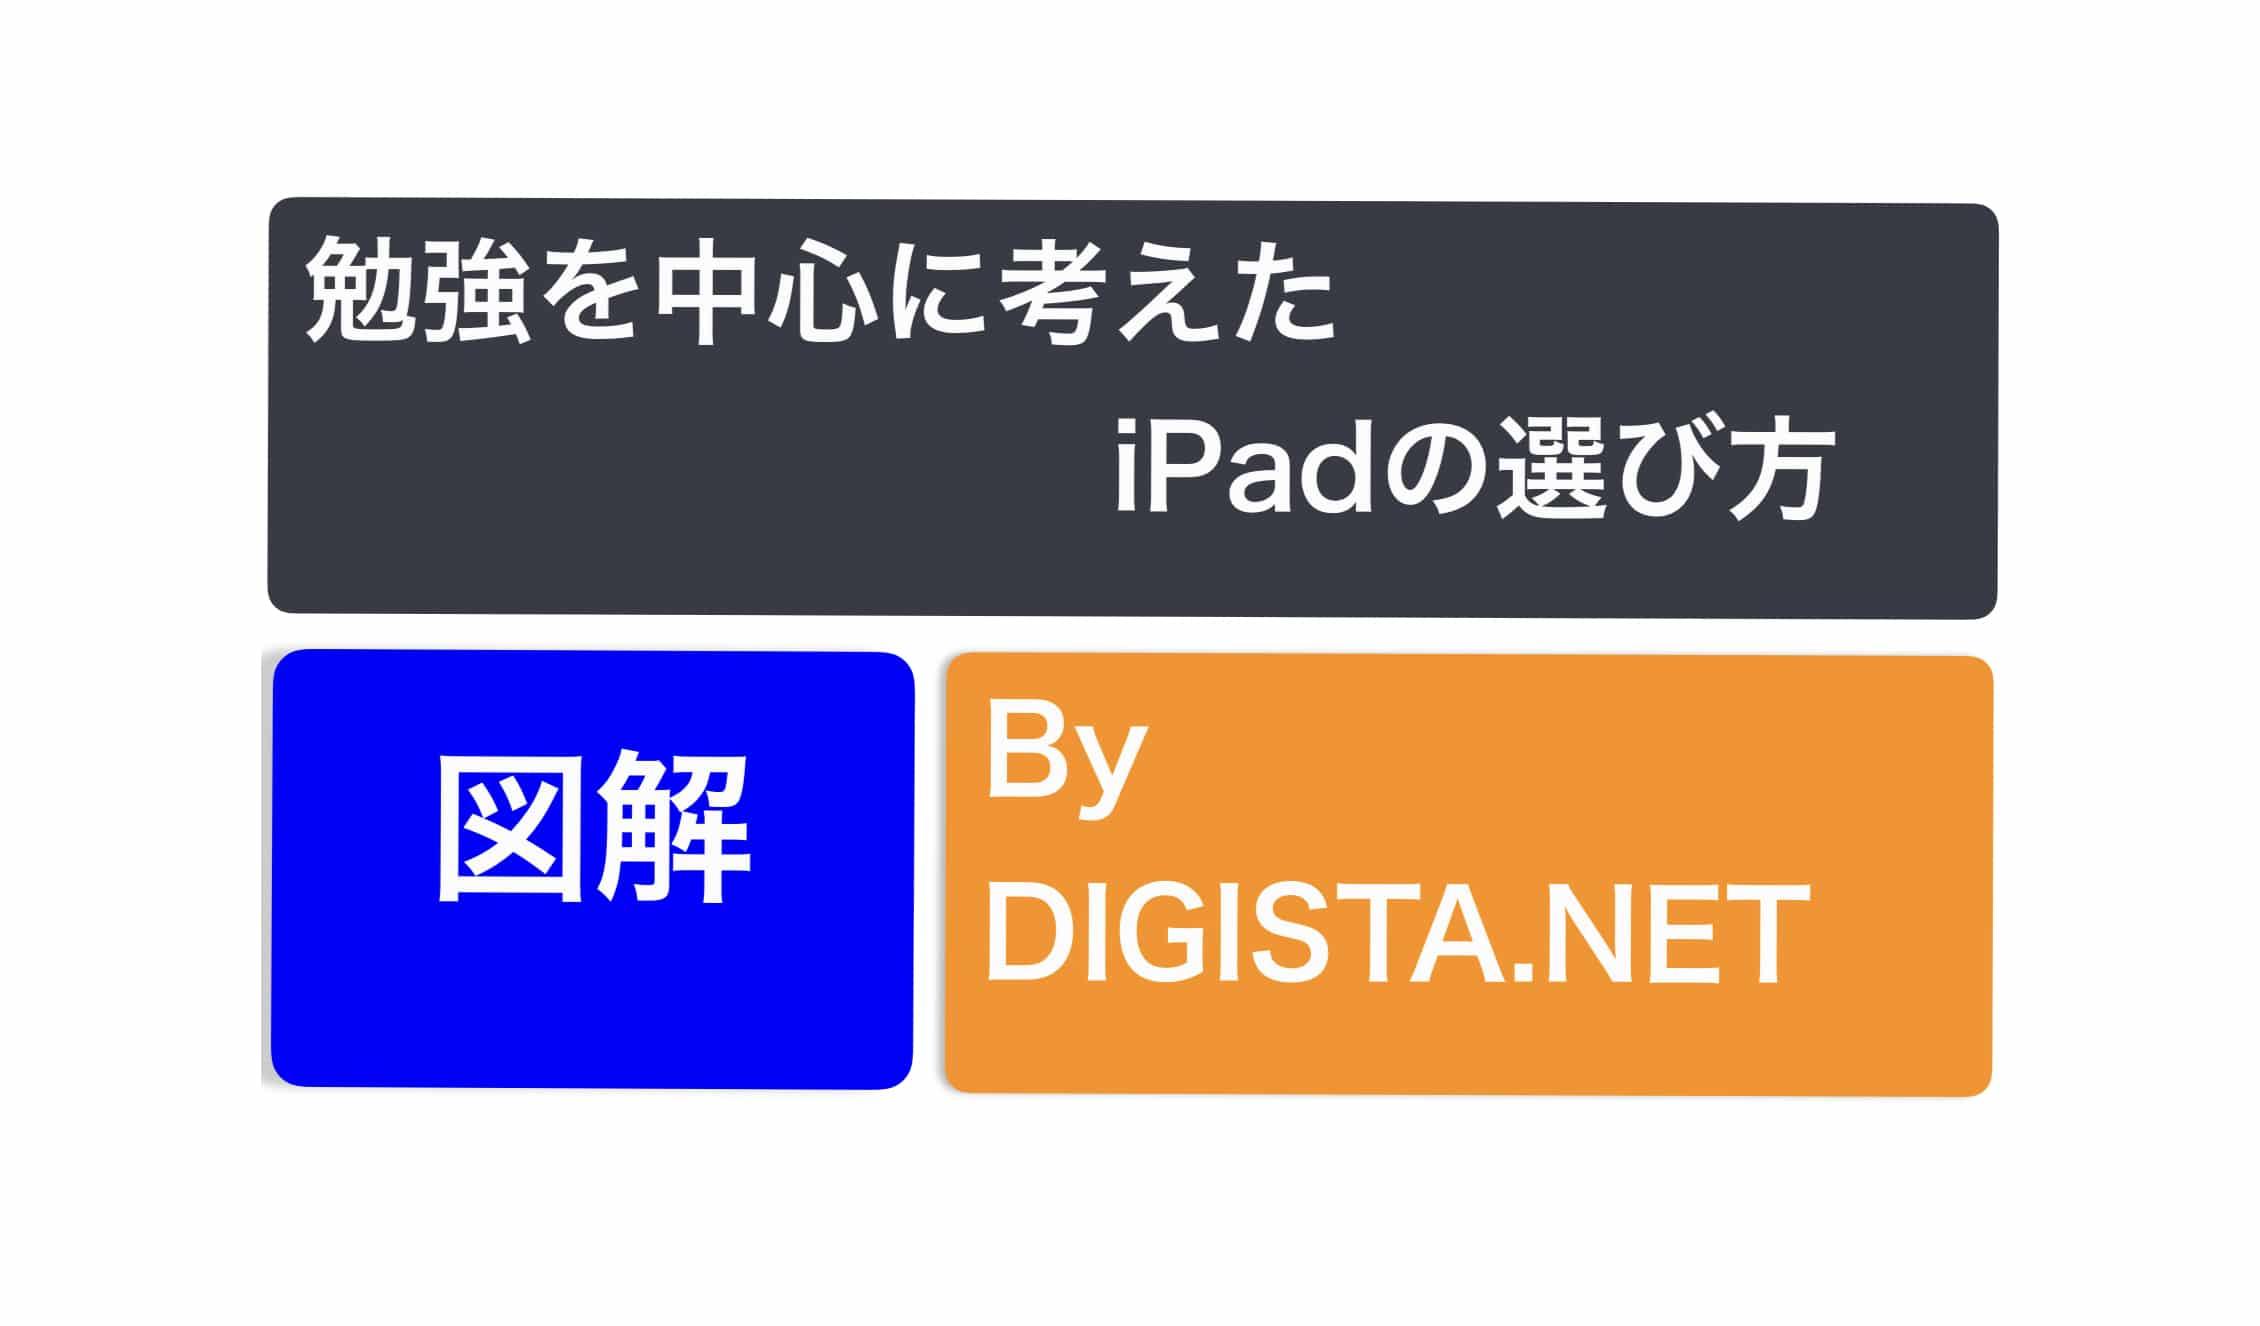 図解、勉強用途のiPadの選び方